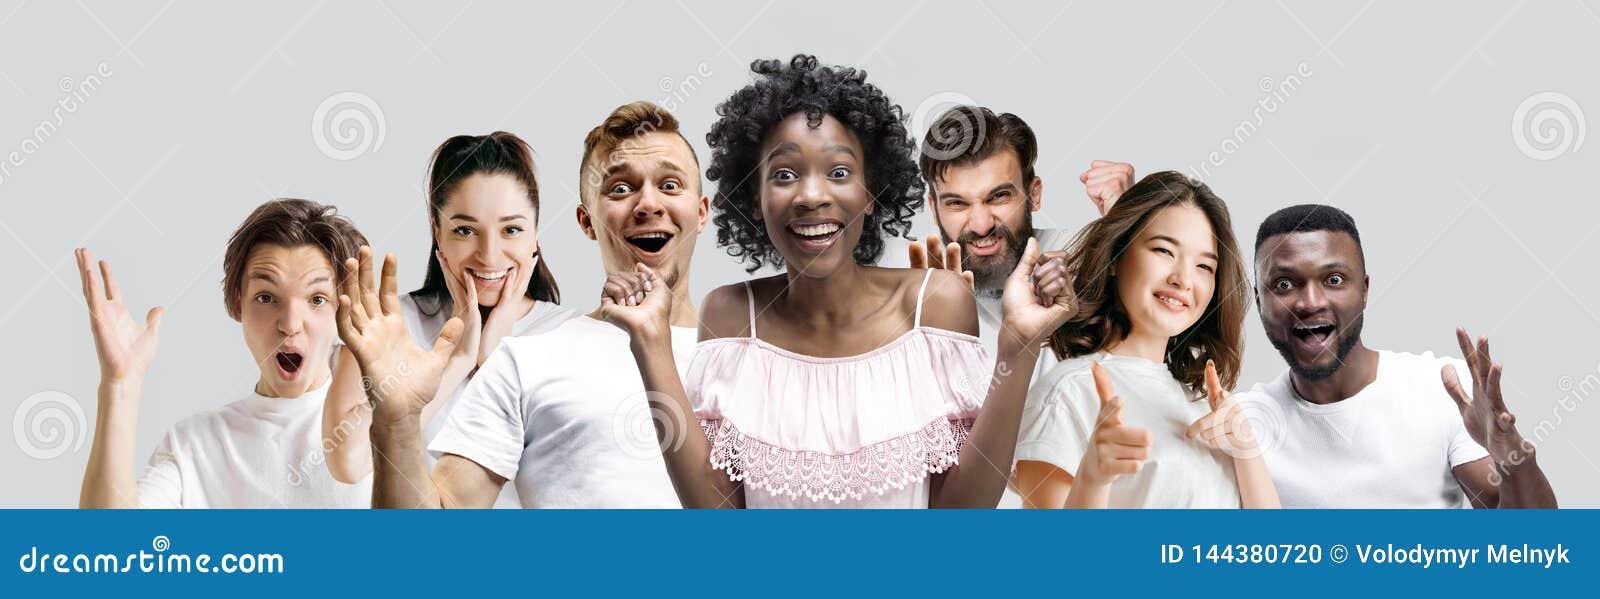 Le collage des visages des personnes étonnées sur les milieux blancs